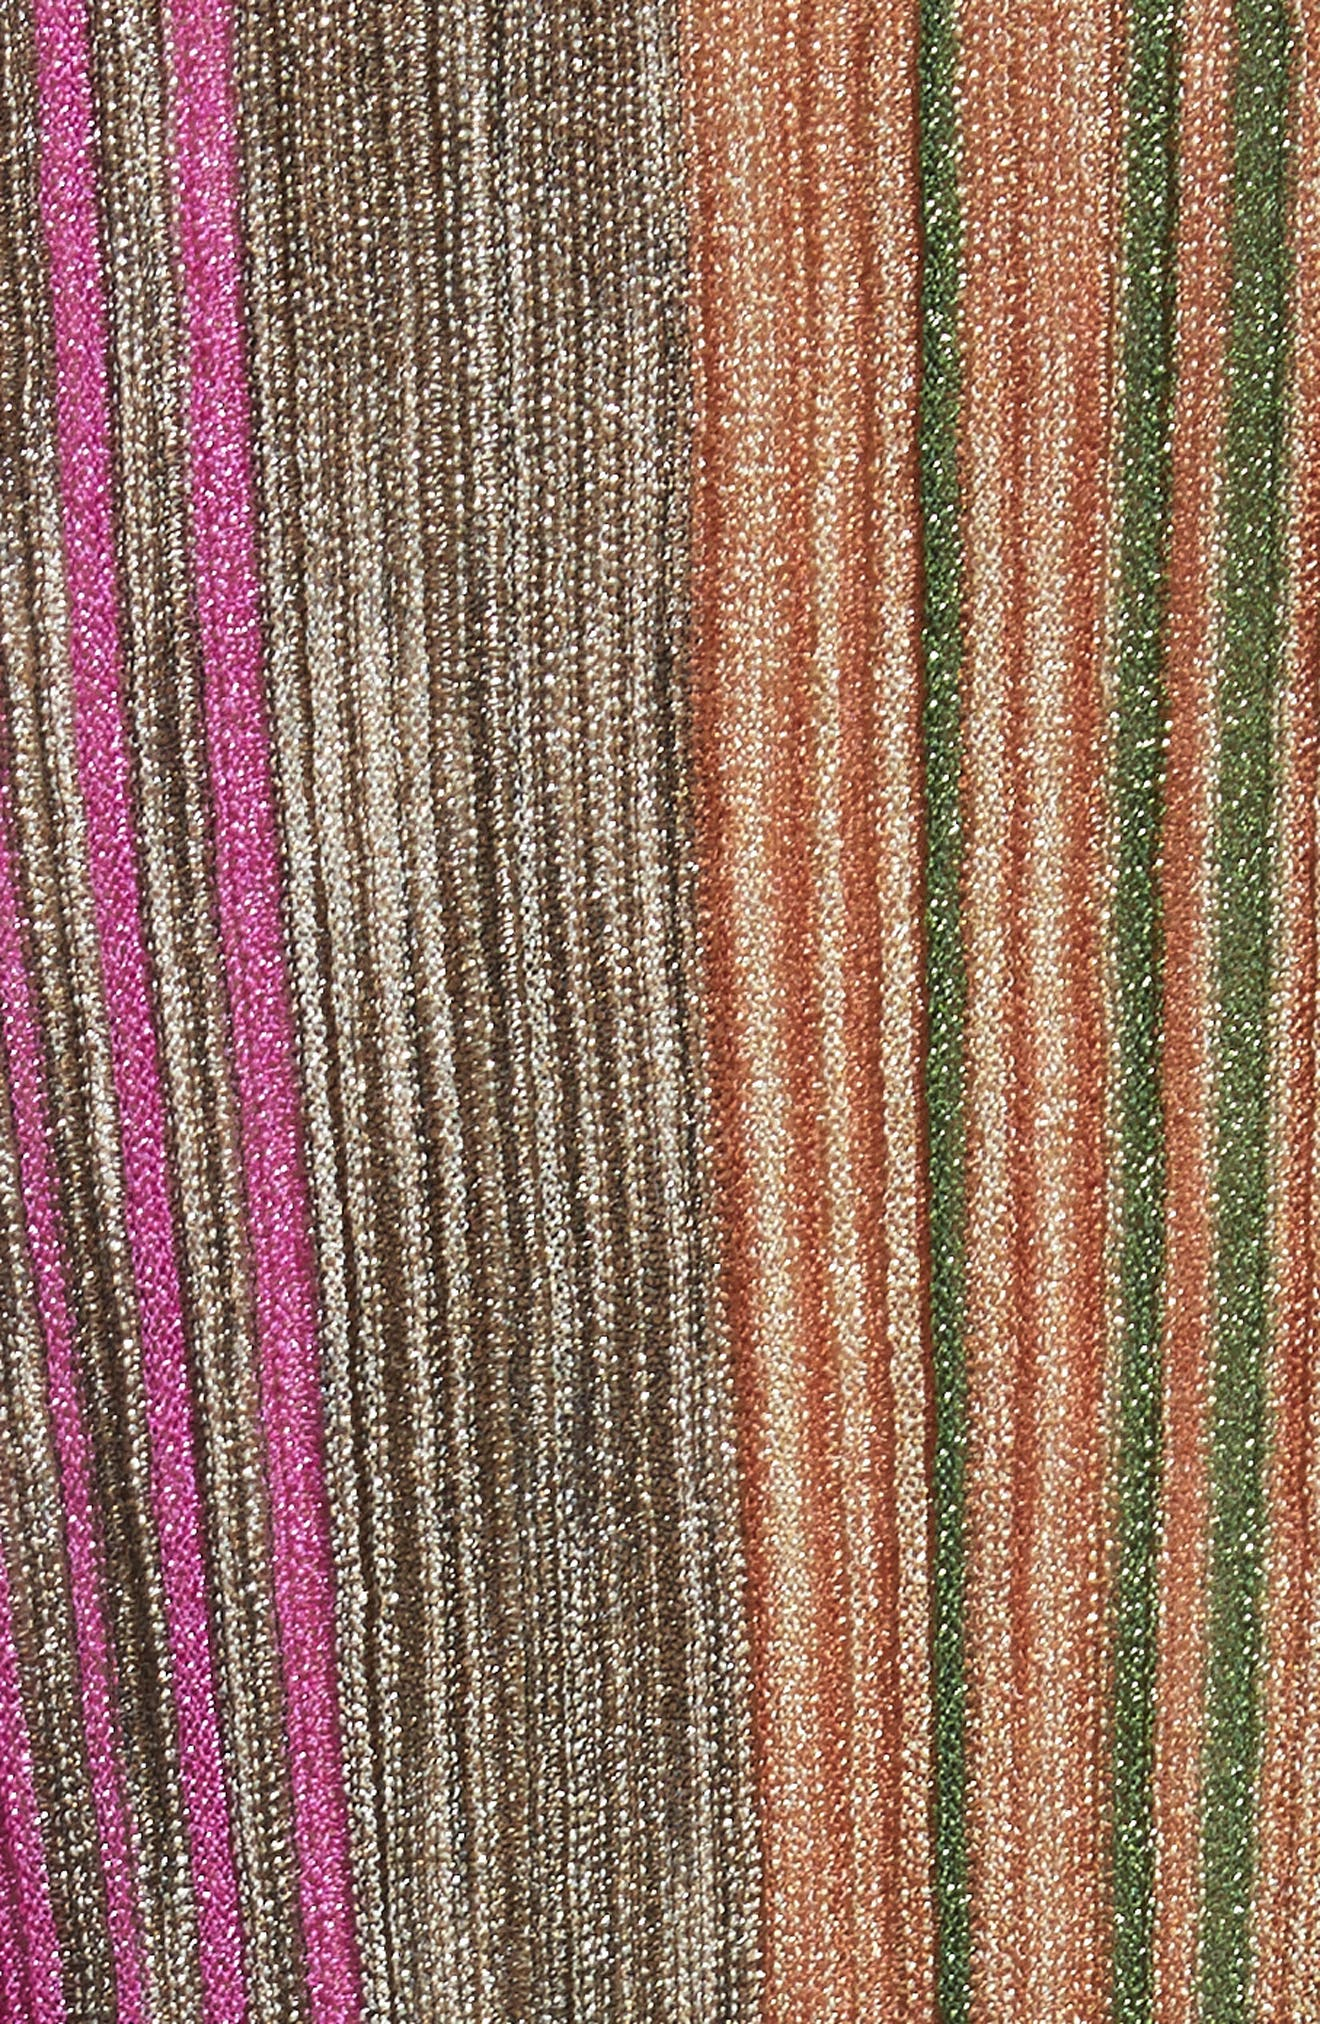 Reversible Metallic Stripe Knit Midi Dress,                             Alternate thumbnail 6, color,                             Multi